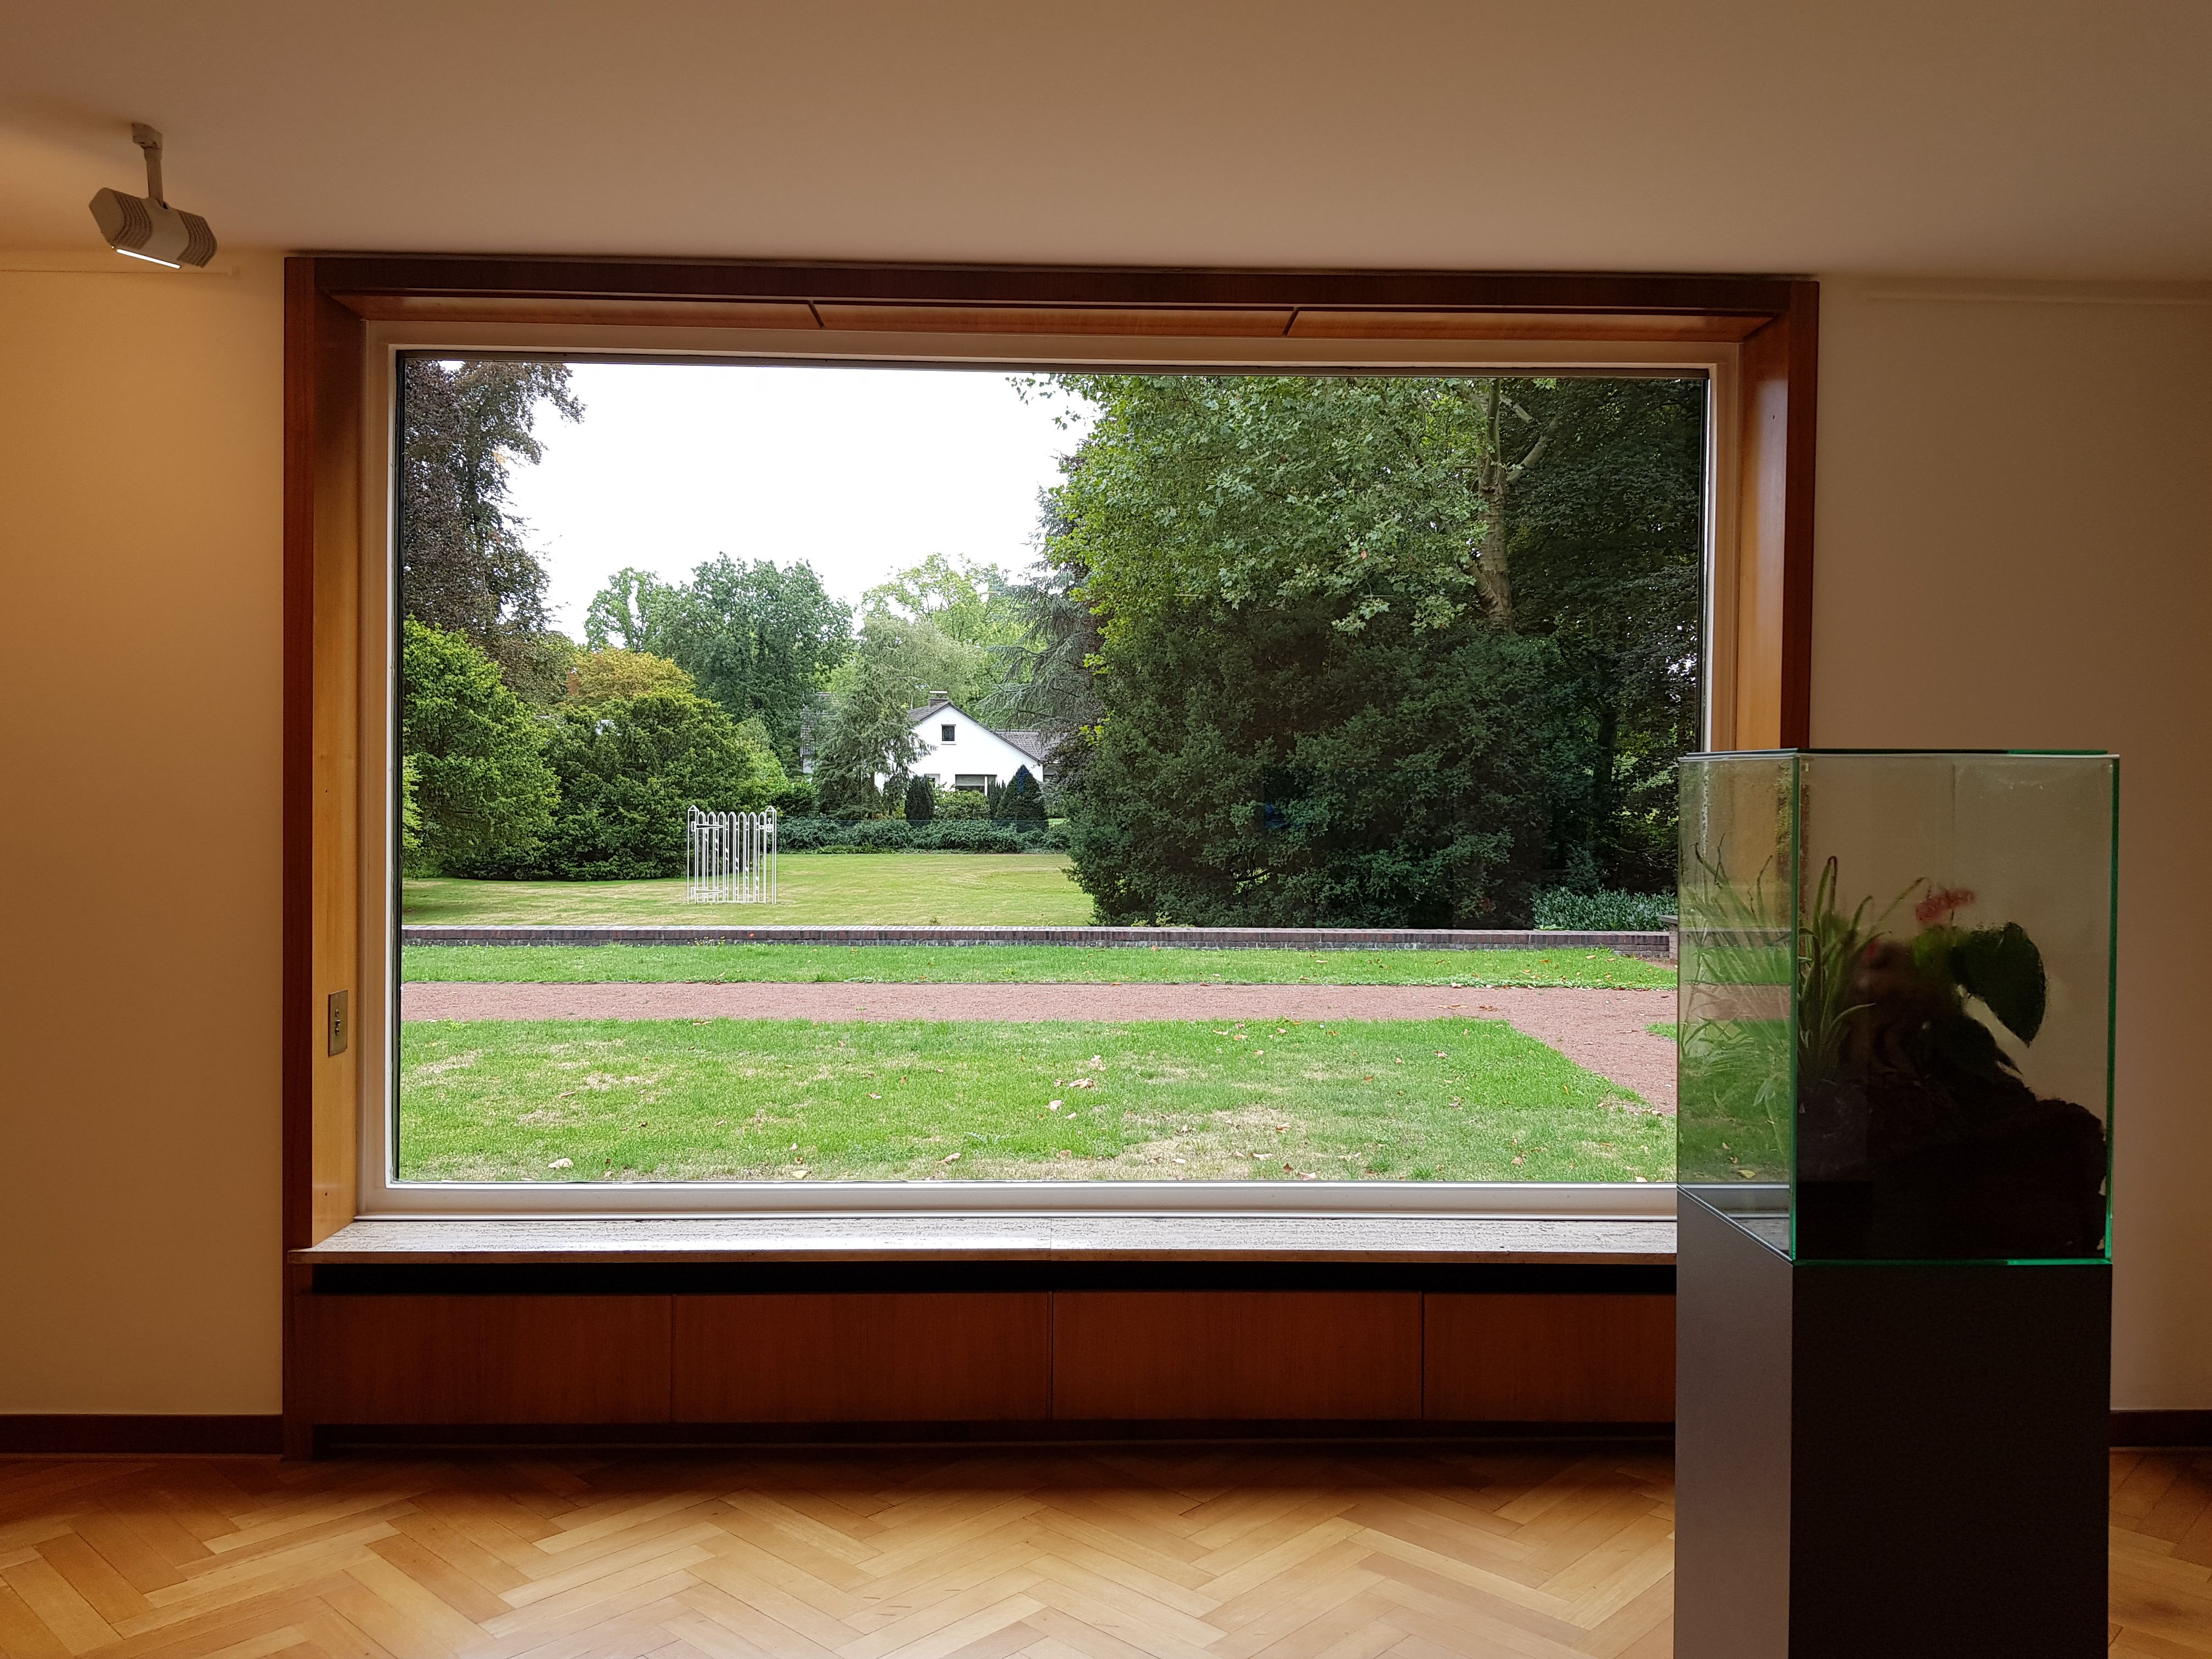 Pin Von M Auf Haus Lange Haus Esters Mies Van Der Rohe Bauhaus